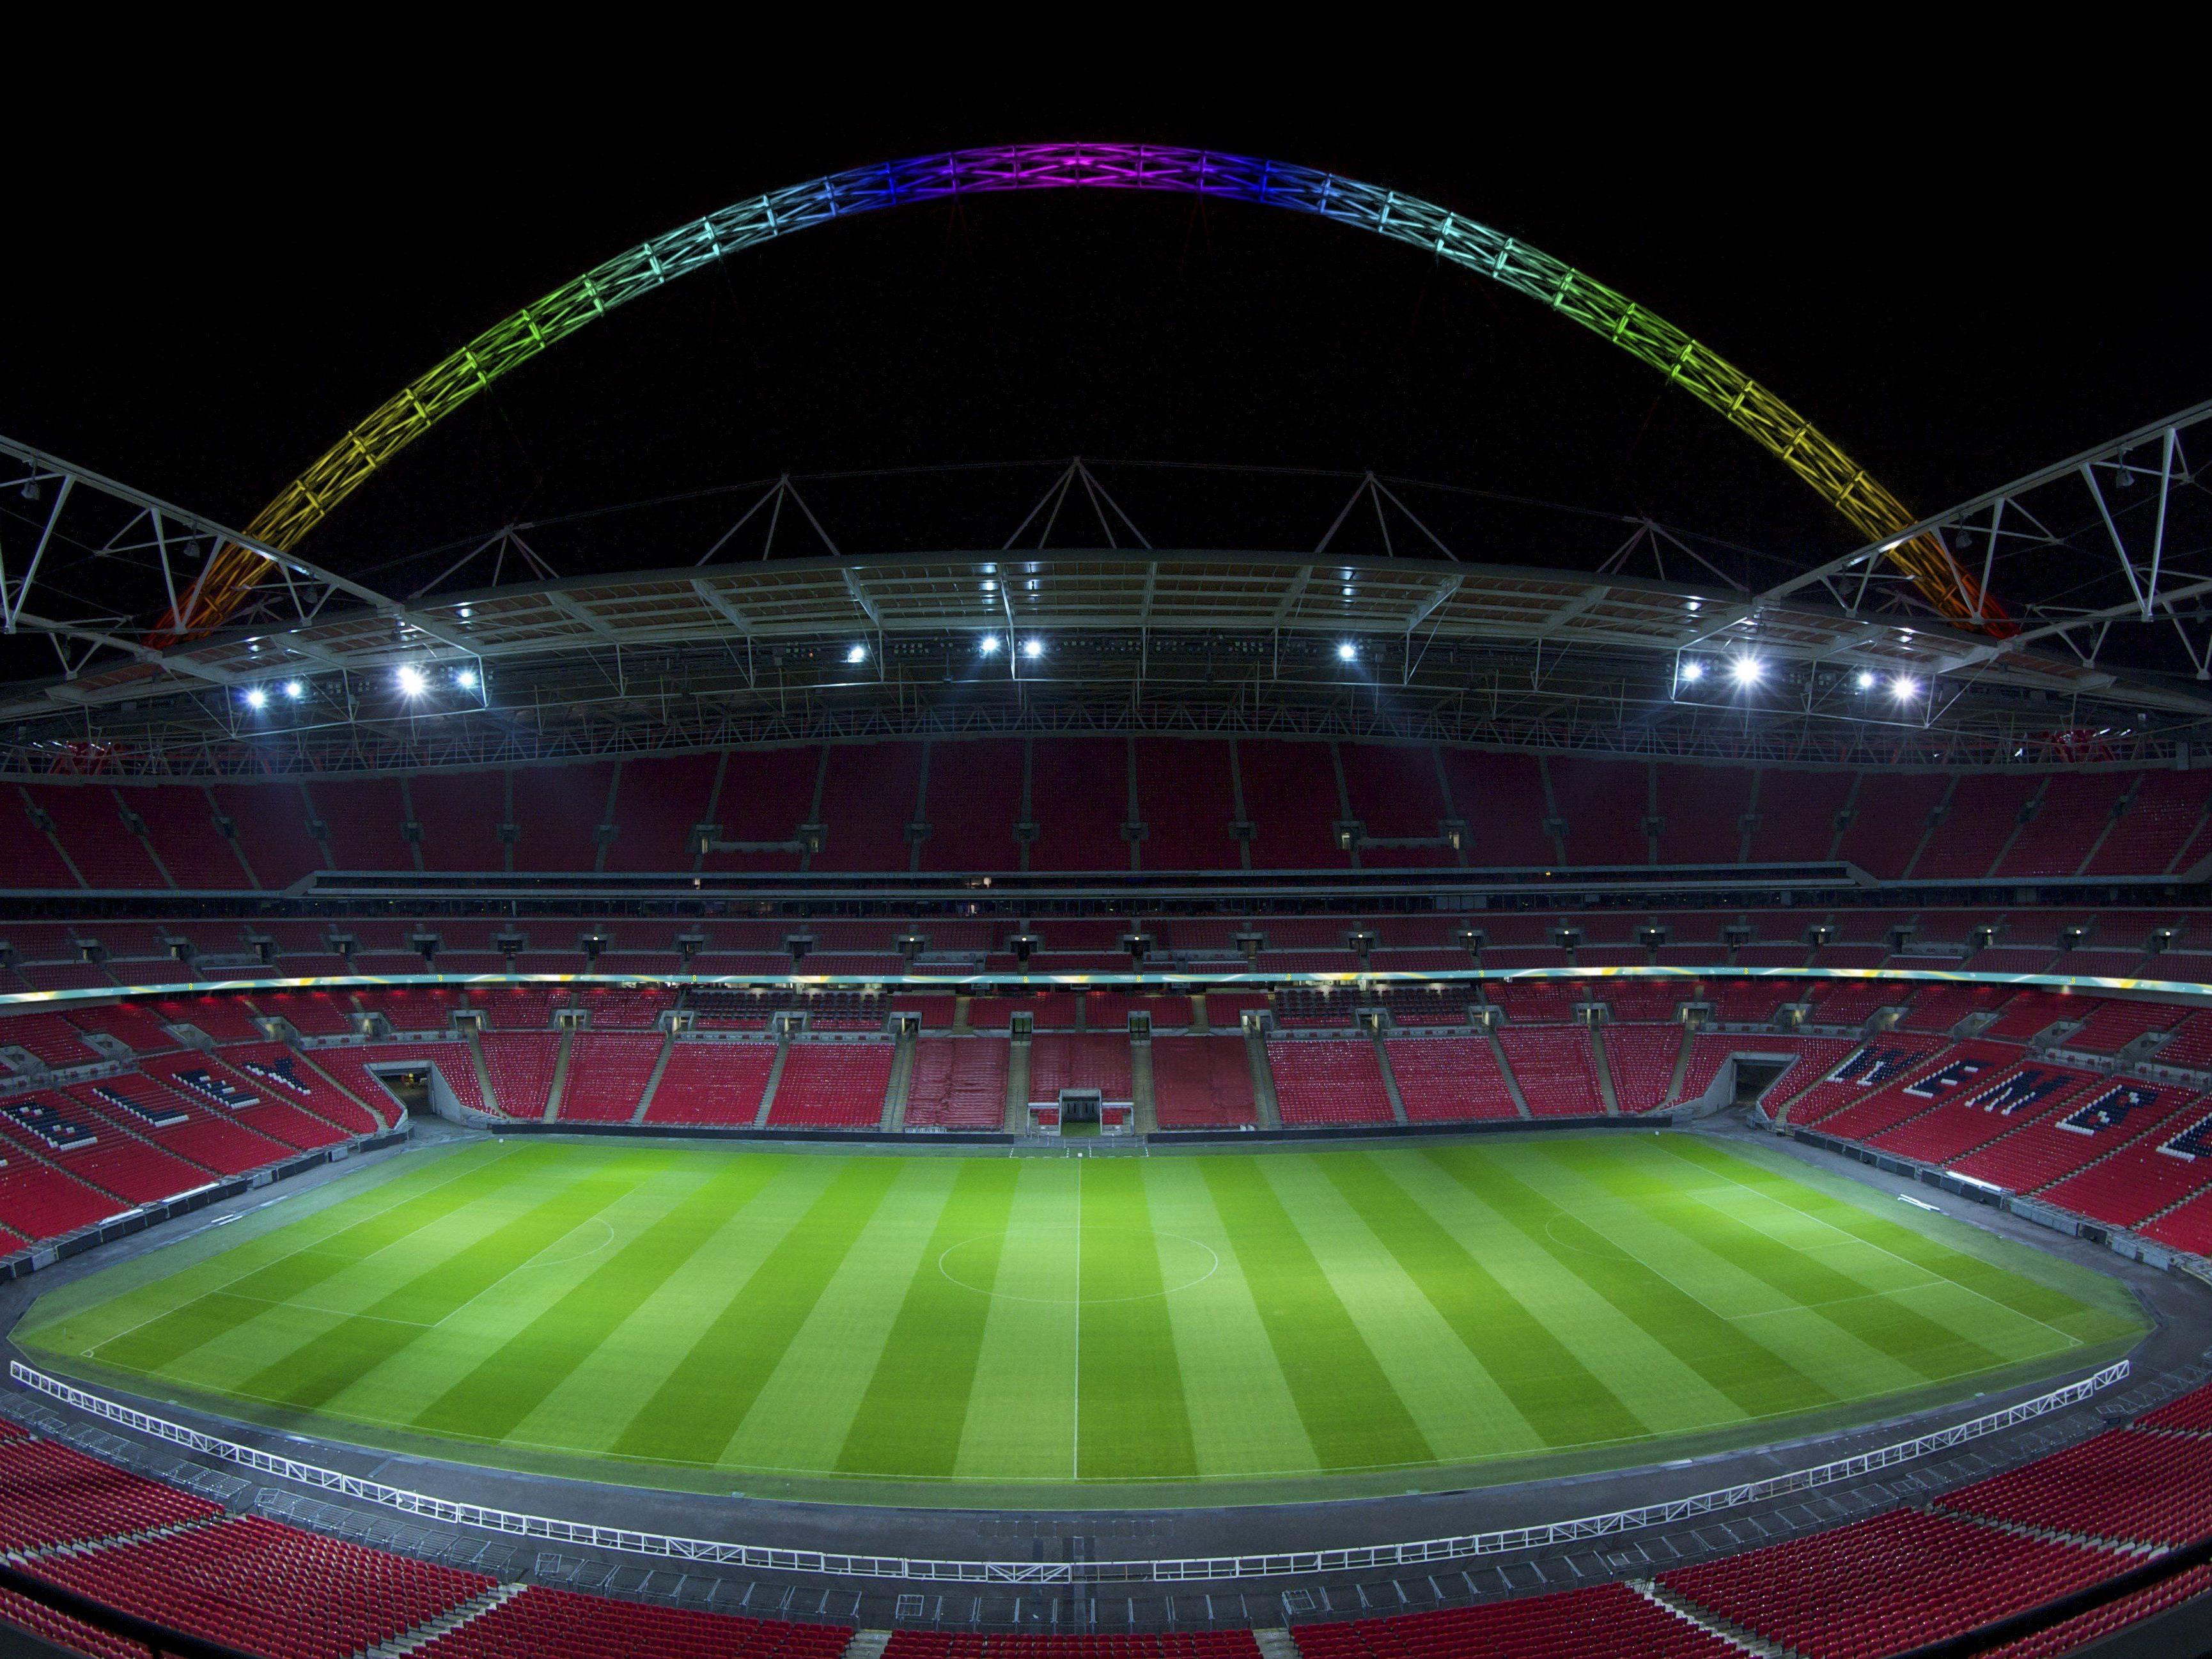 Der Wembley-Bogen mit farbiger LED Beleuchtung von Thorn Lighting.